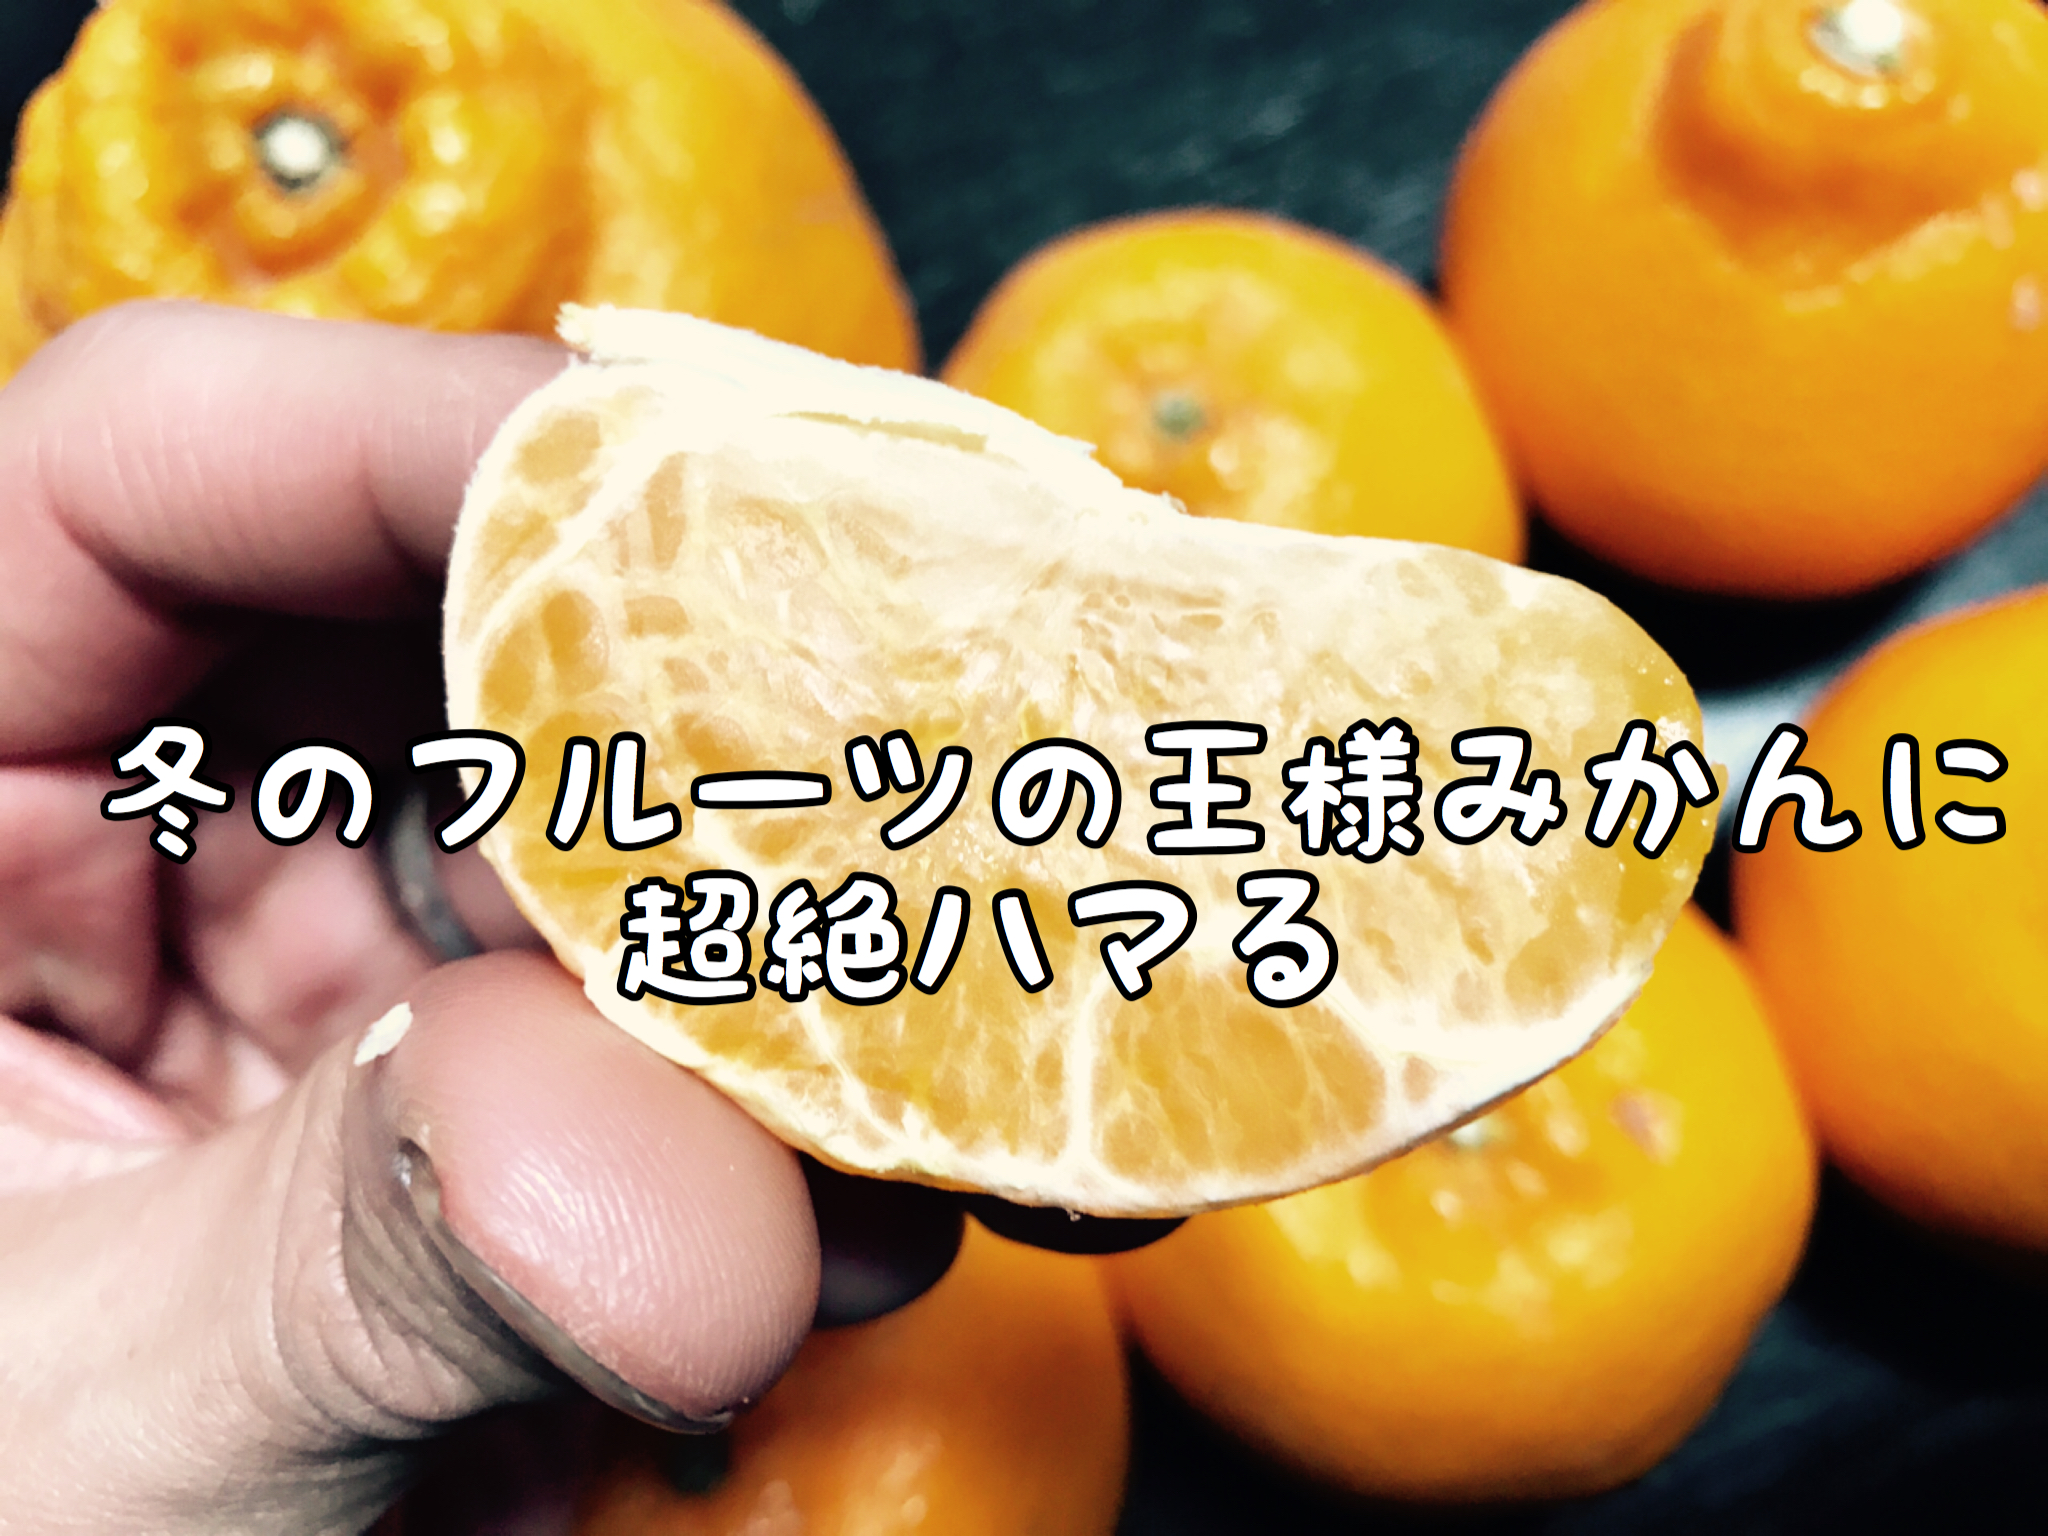 【果実】テンチョー最近「みかん」に超絶はまる。こんなに種類があるとは!!